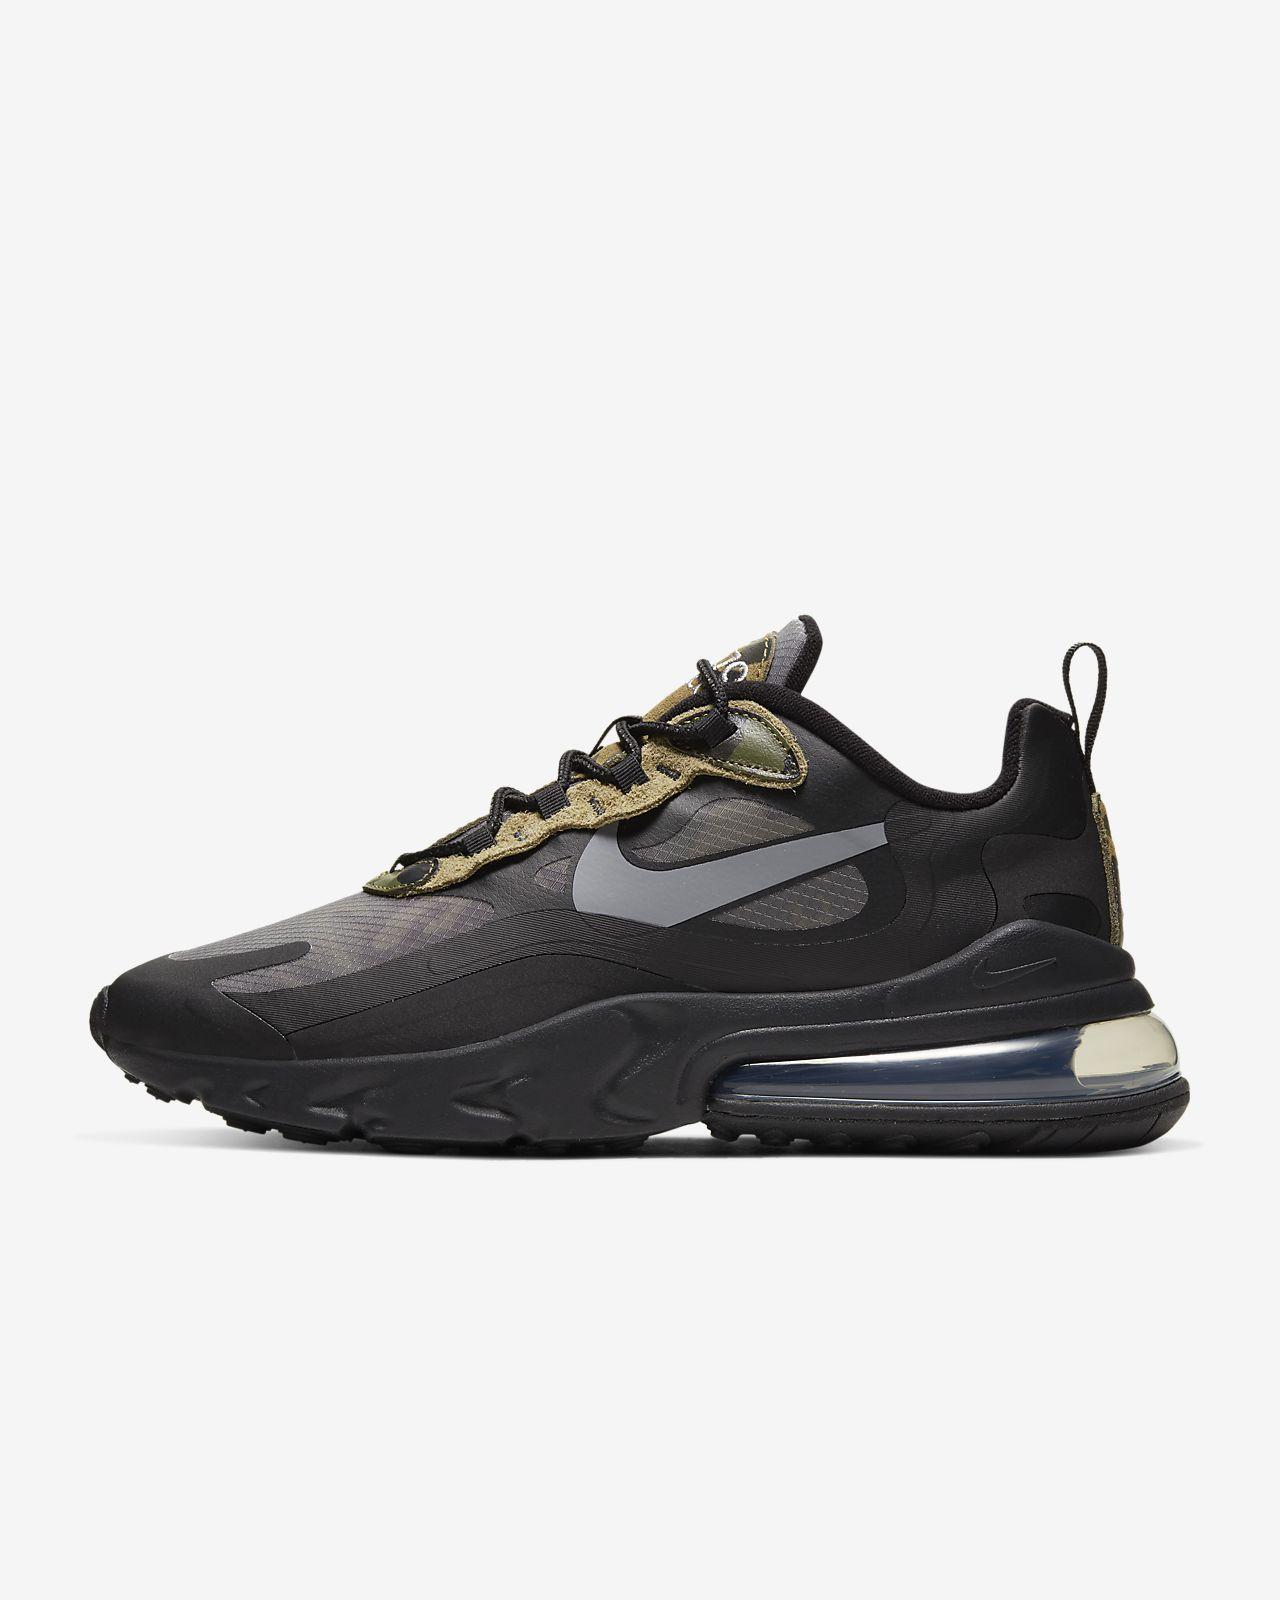 Nike Schuhe, Sportswear & Streetwear für Damen, Herren und